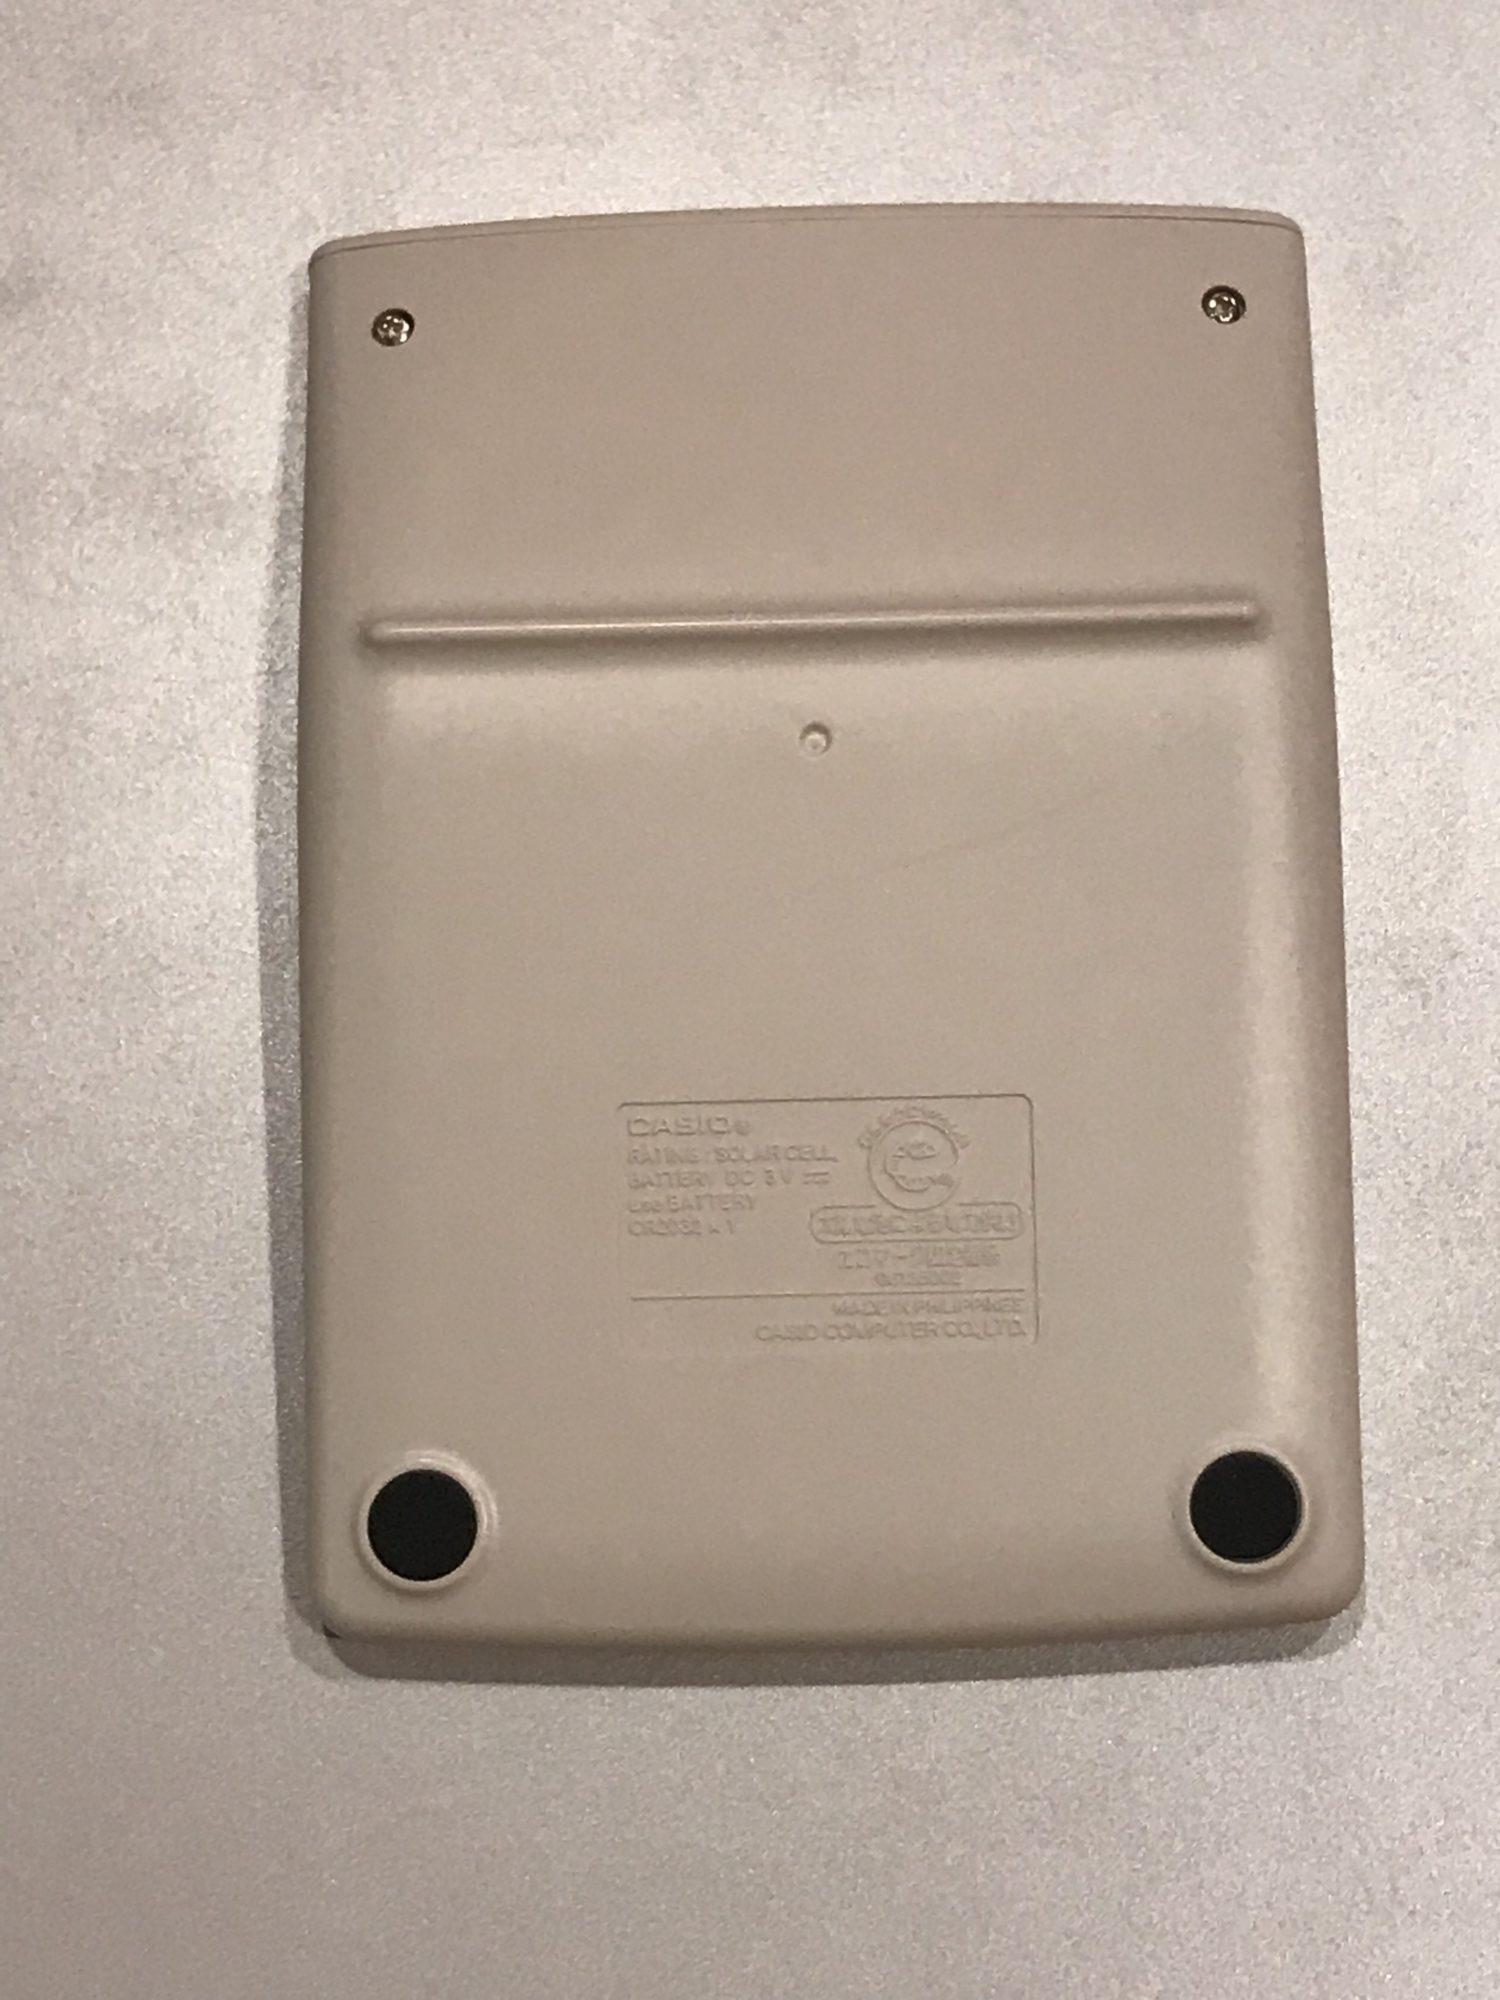 カシオ製電卓 MW−12A裏側